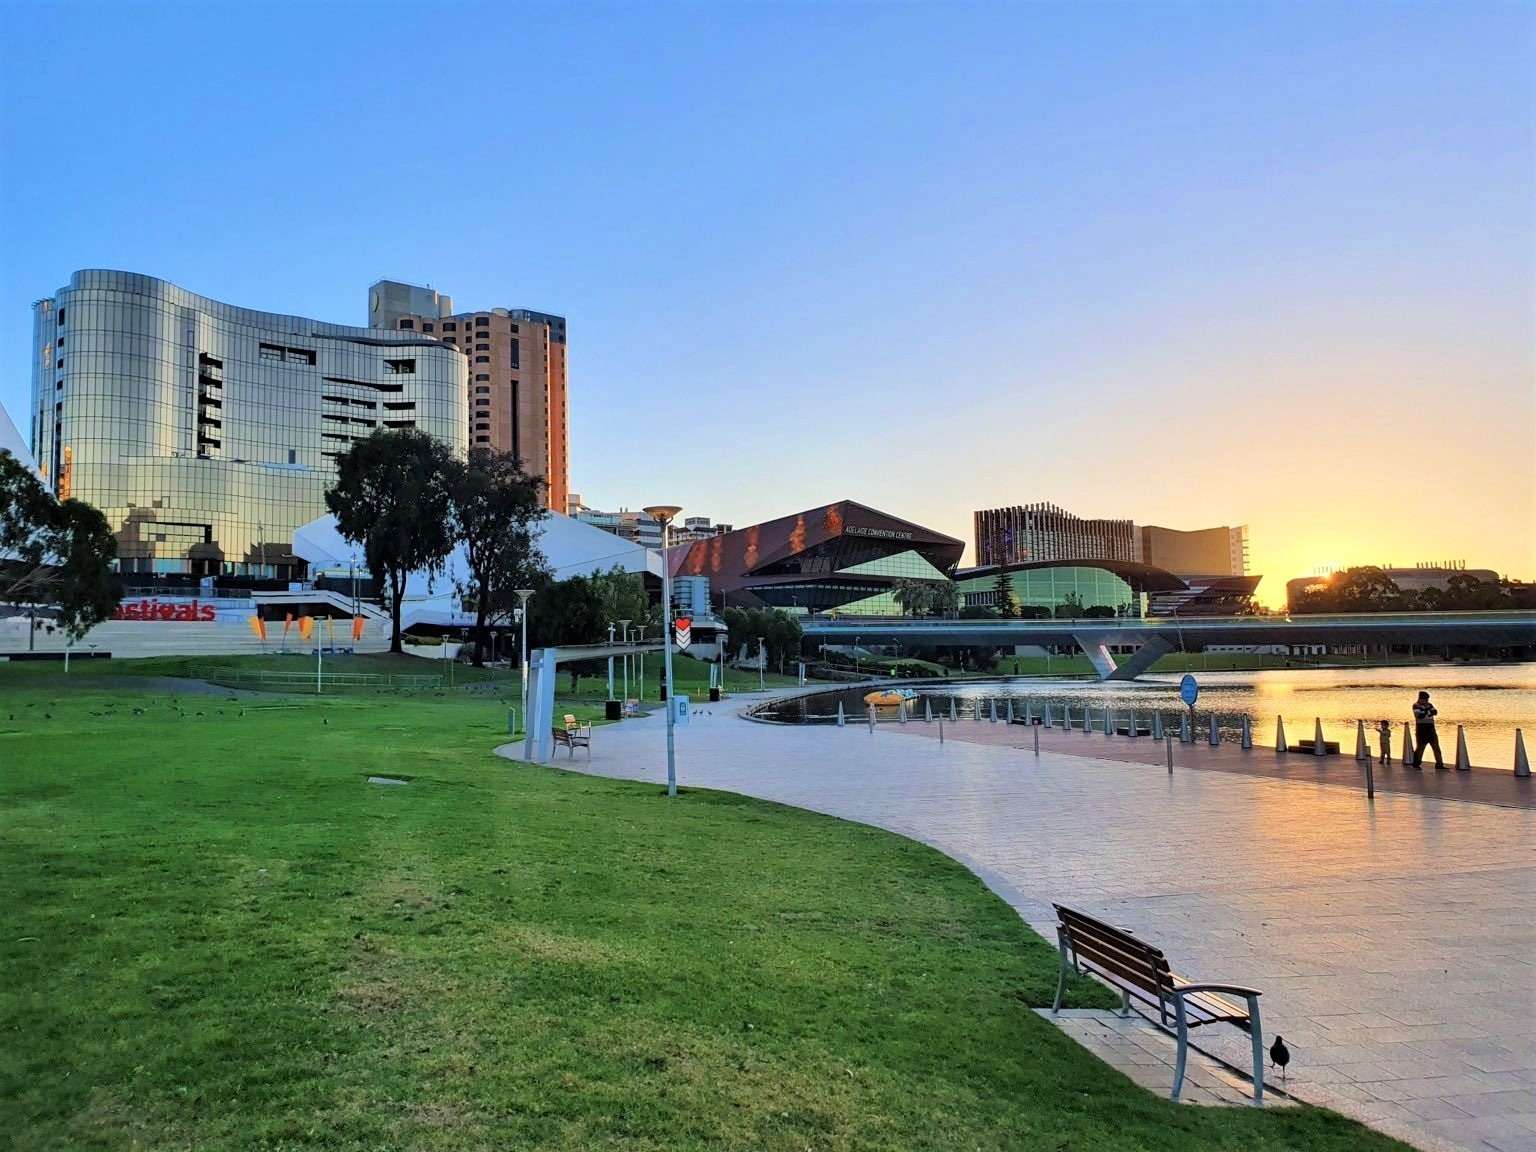 在2021全球宜居城市排名中,澳洲有四座城市進入前十名榜單。圖為排名第三的阿德萊德市托倫斯(River Torrens)河畔。(戴寧/大紀元)